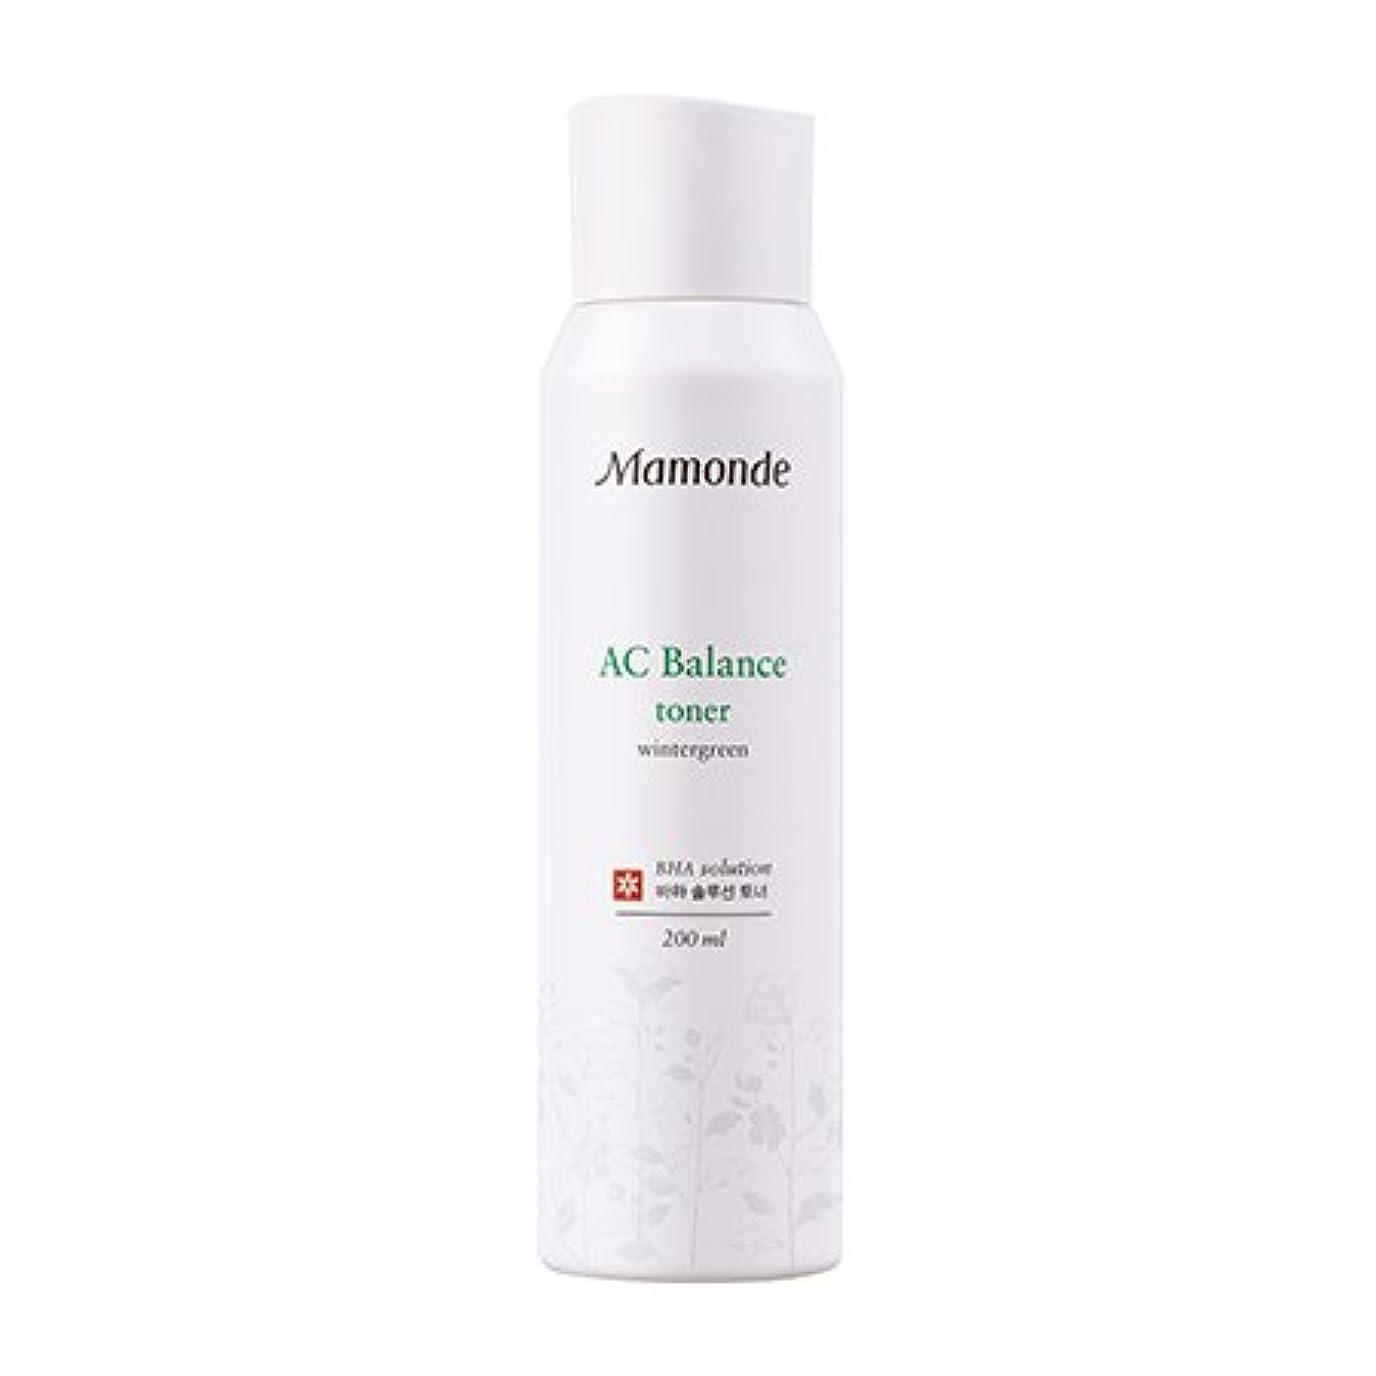 筋文明化する失効[New] Mamonde AC Balance Toner 200ml/マモンド AC バランス トナー 200ml [並行輸入品]